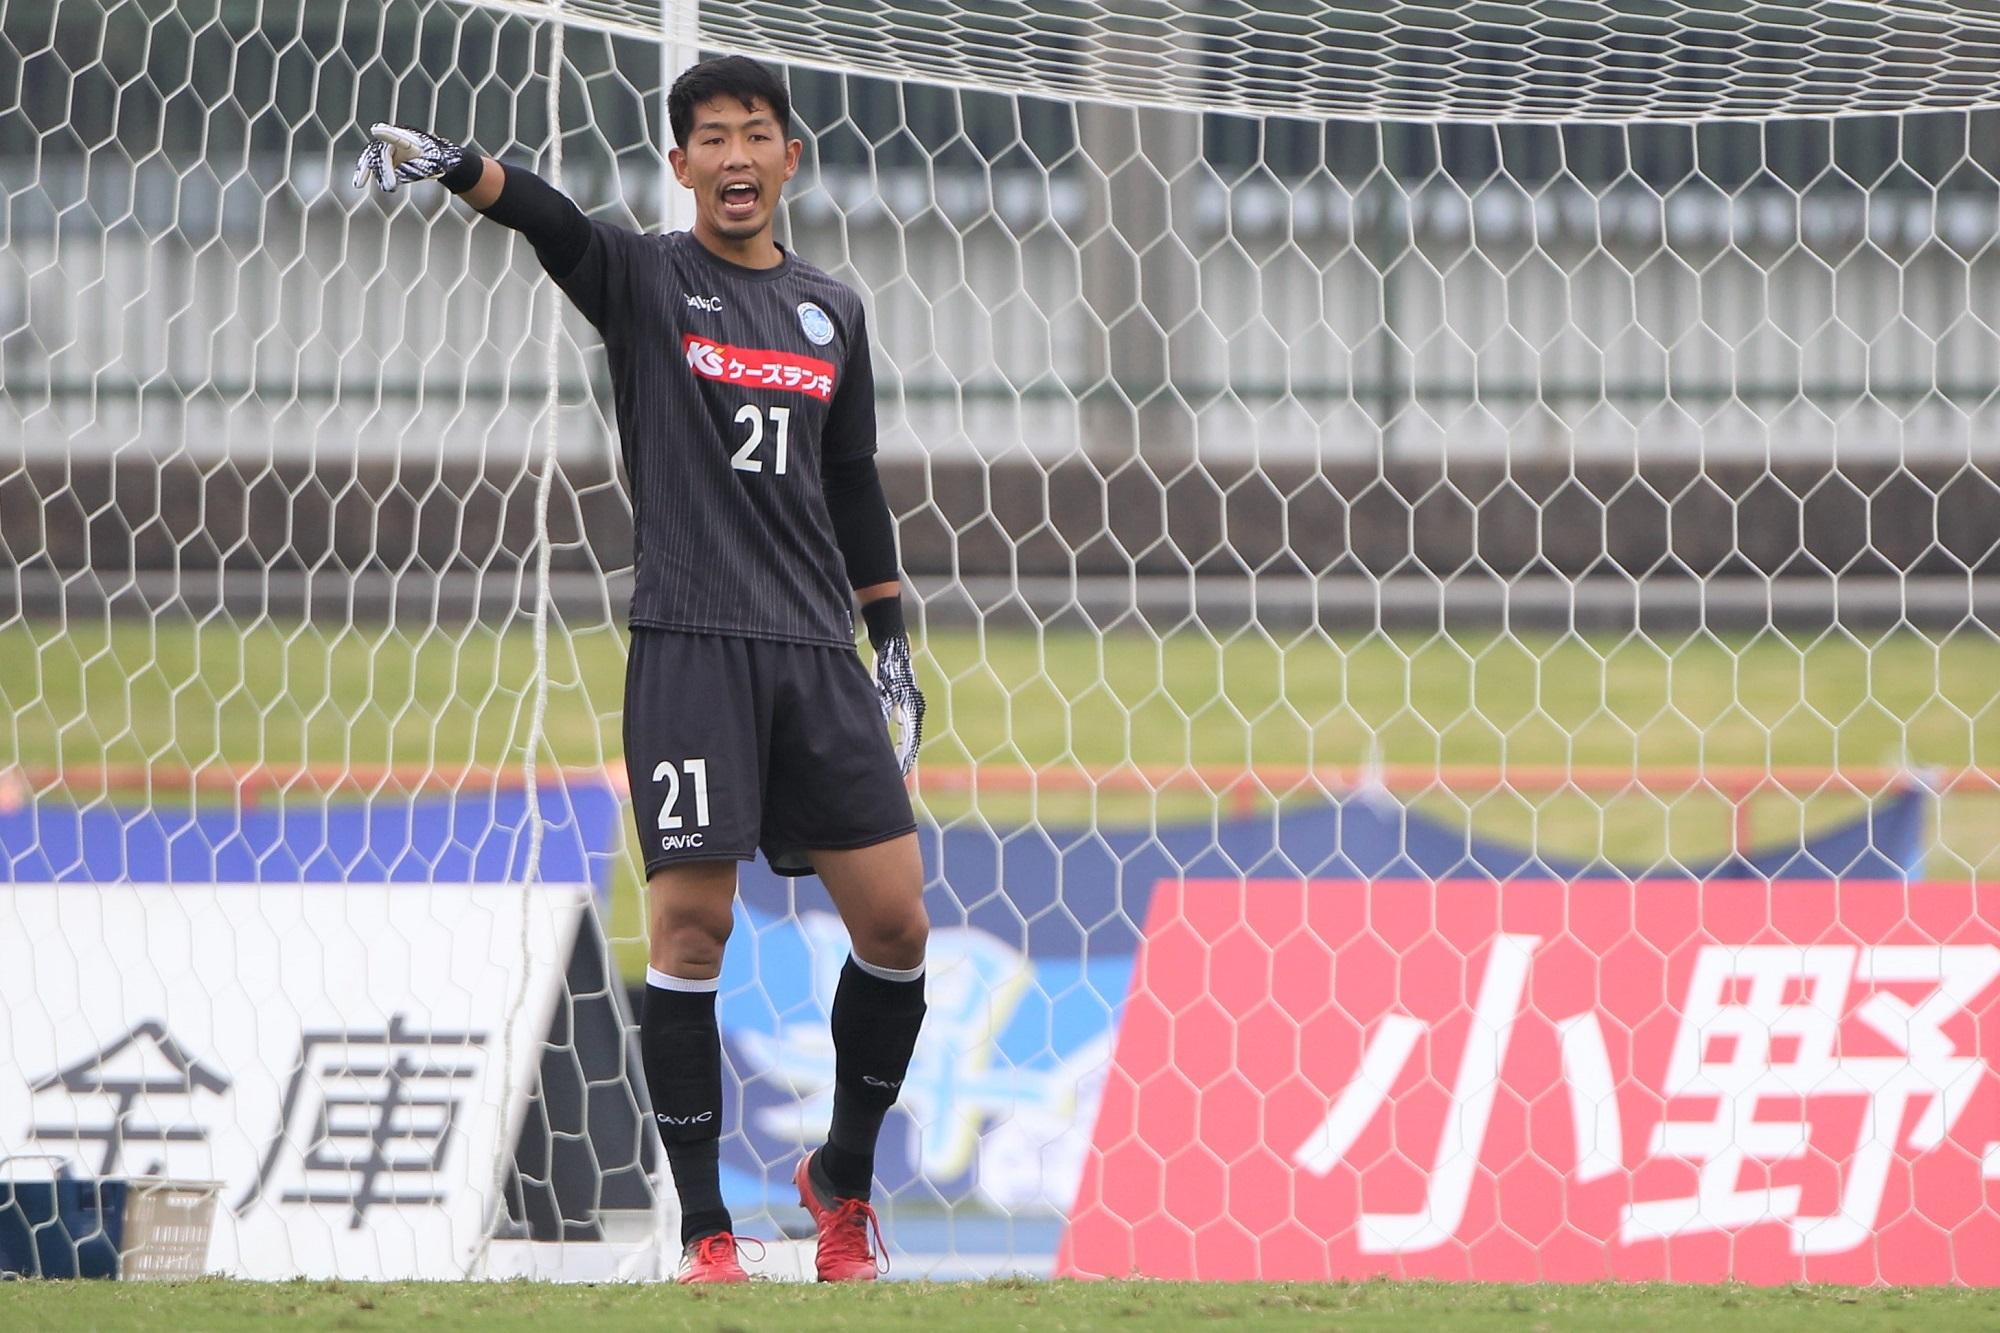 牲川歩見選手 契約更新のお知らせ   水戸ホーリーホック公式サイト